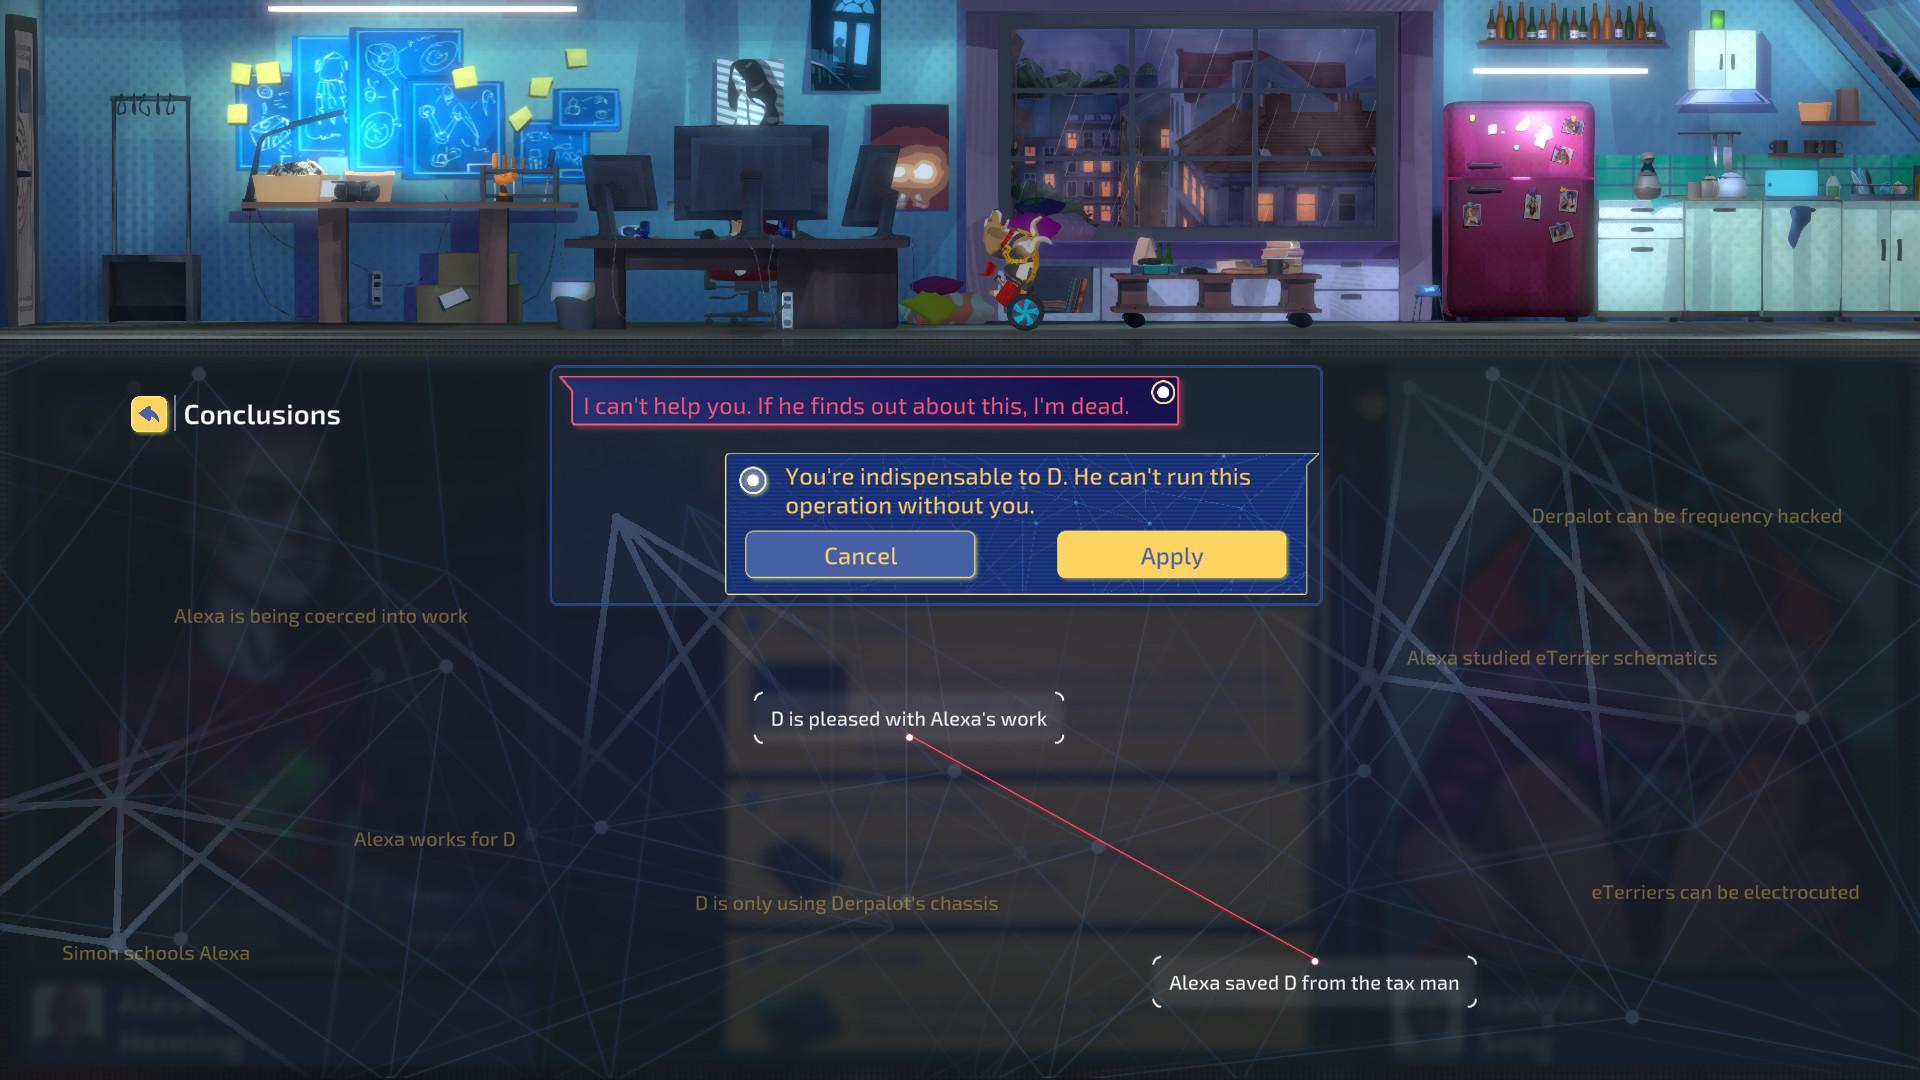 赛博朋克推理游戏《罪城骇客》今日Steam发售 支持简体中文